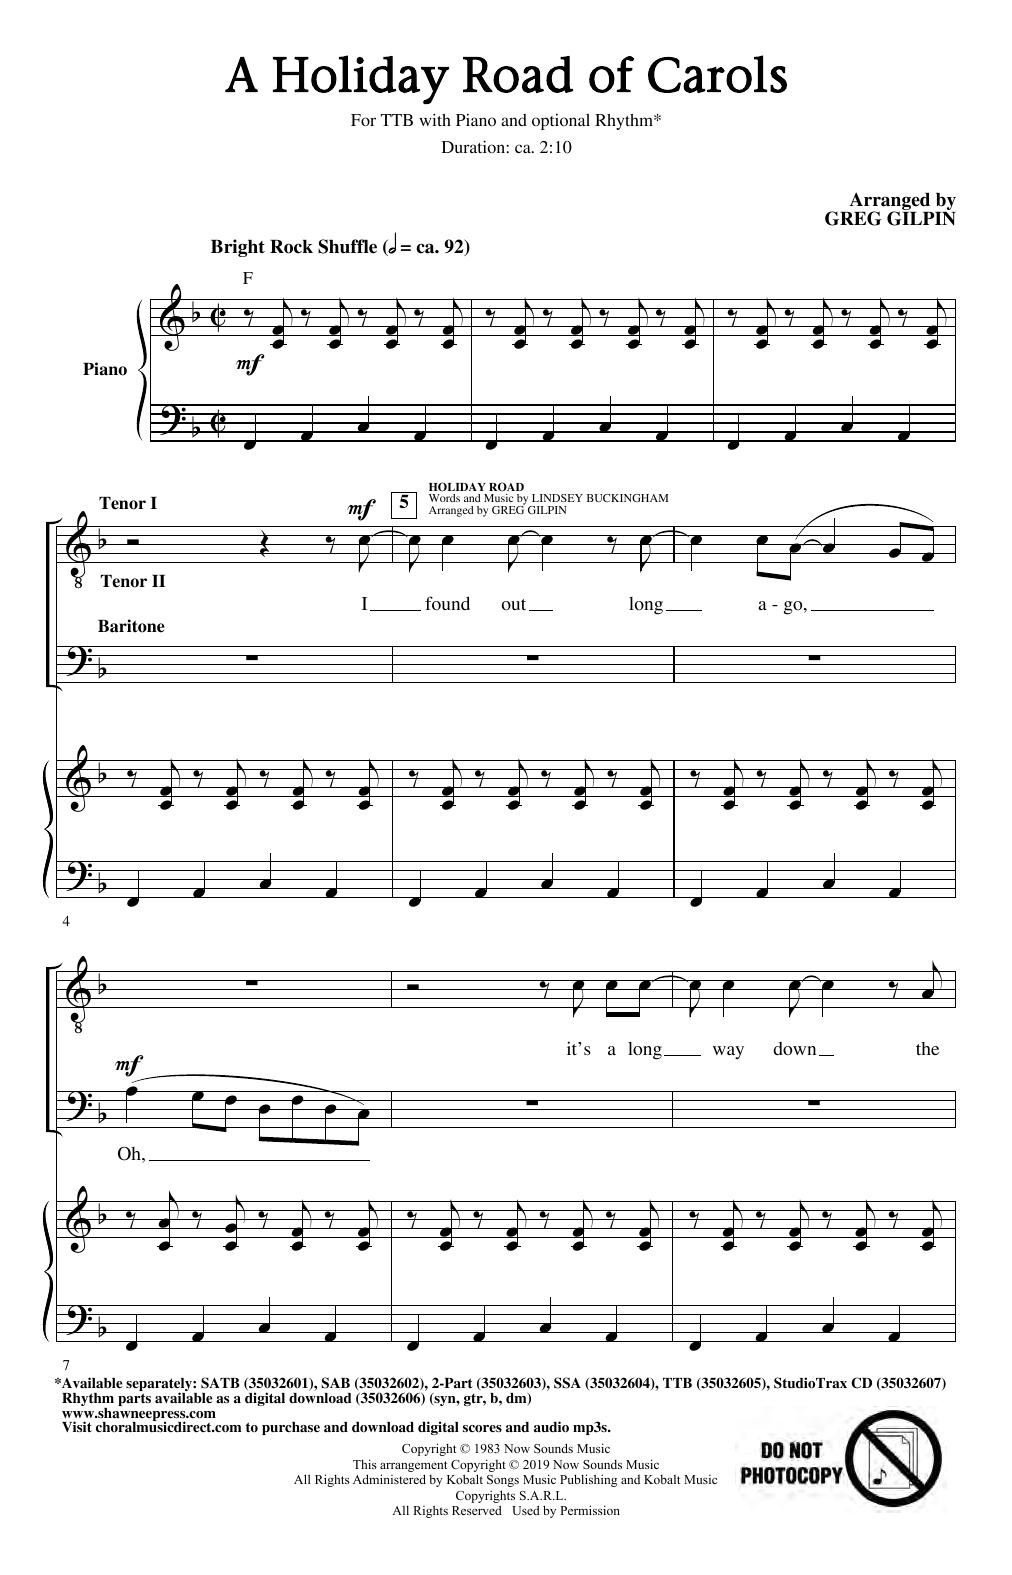 A Holiday Road of Carols (TTBB Choir)